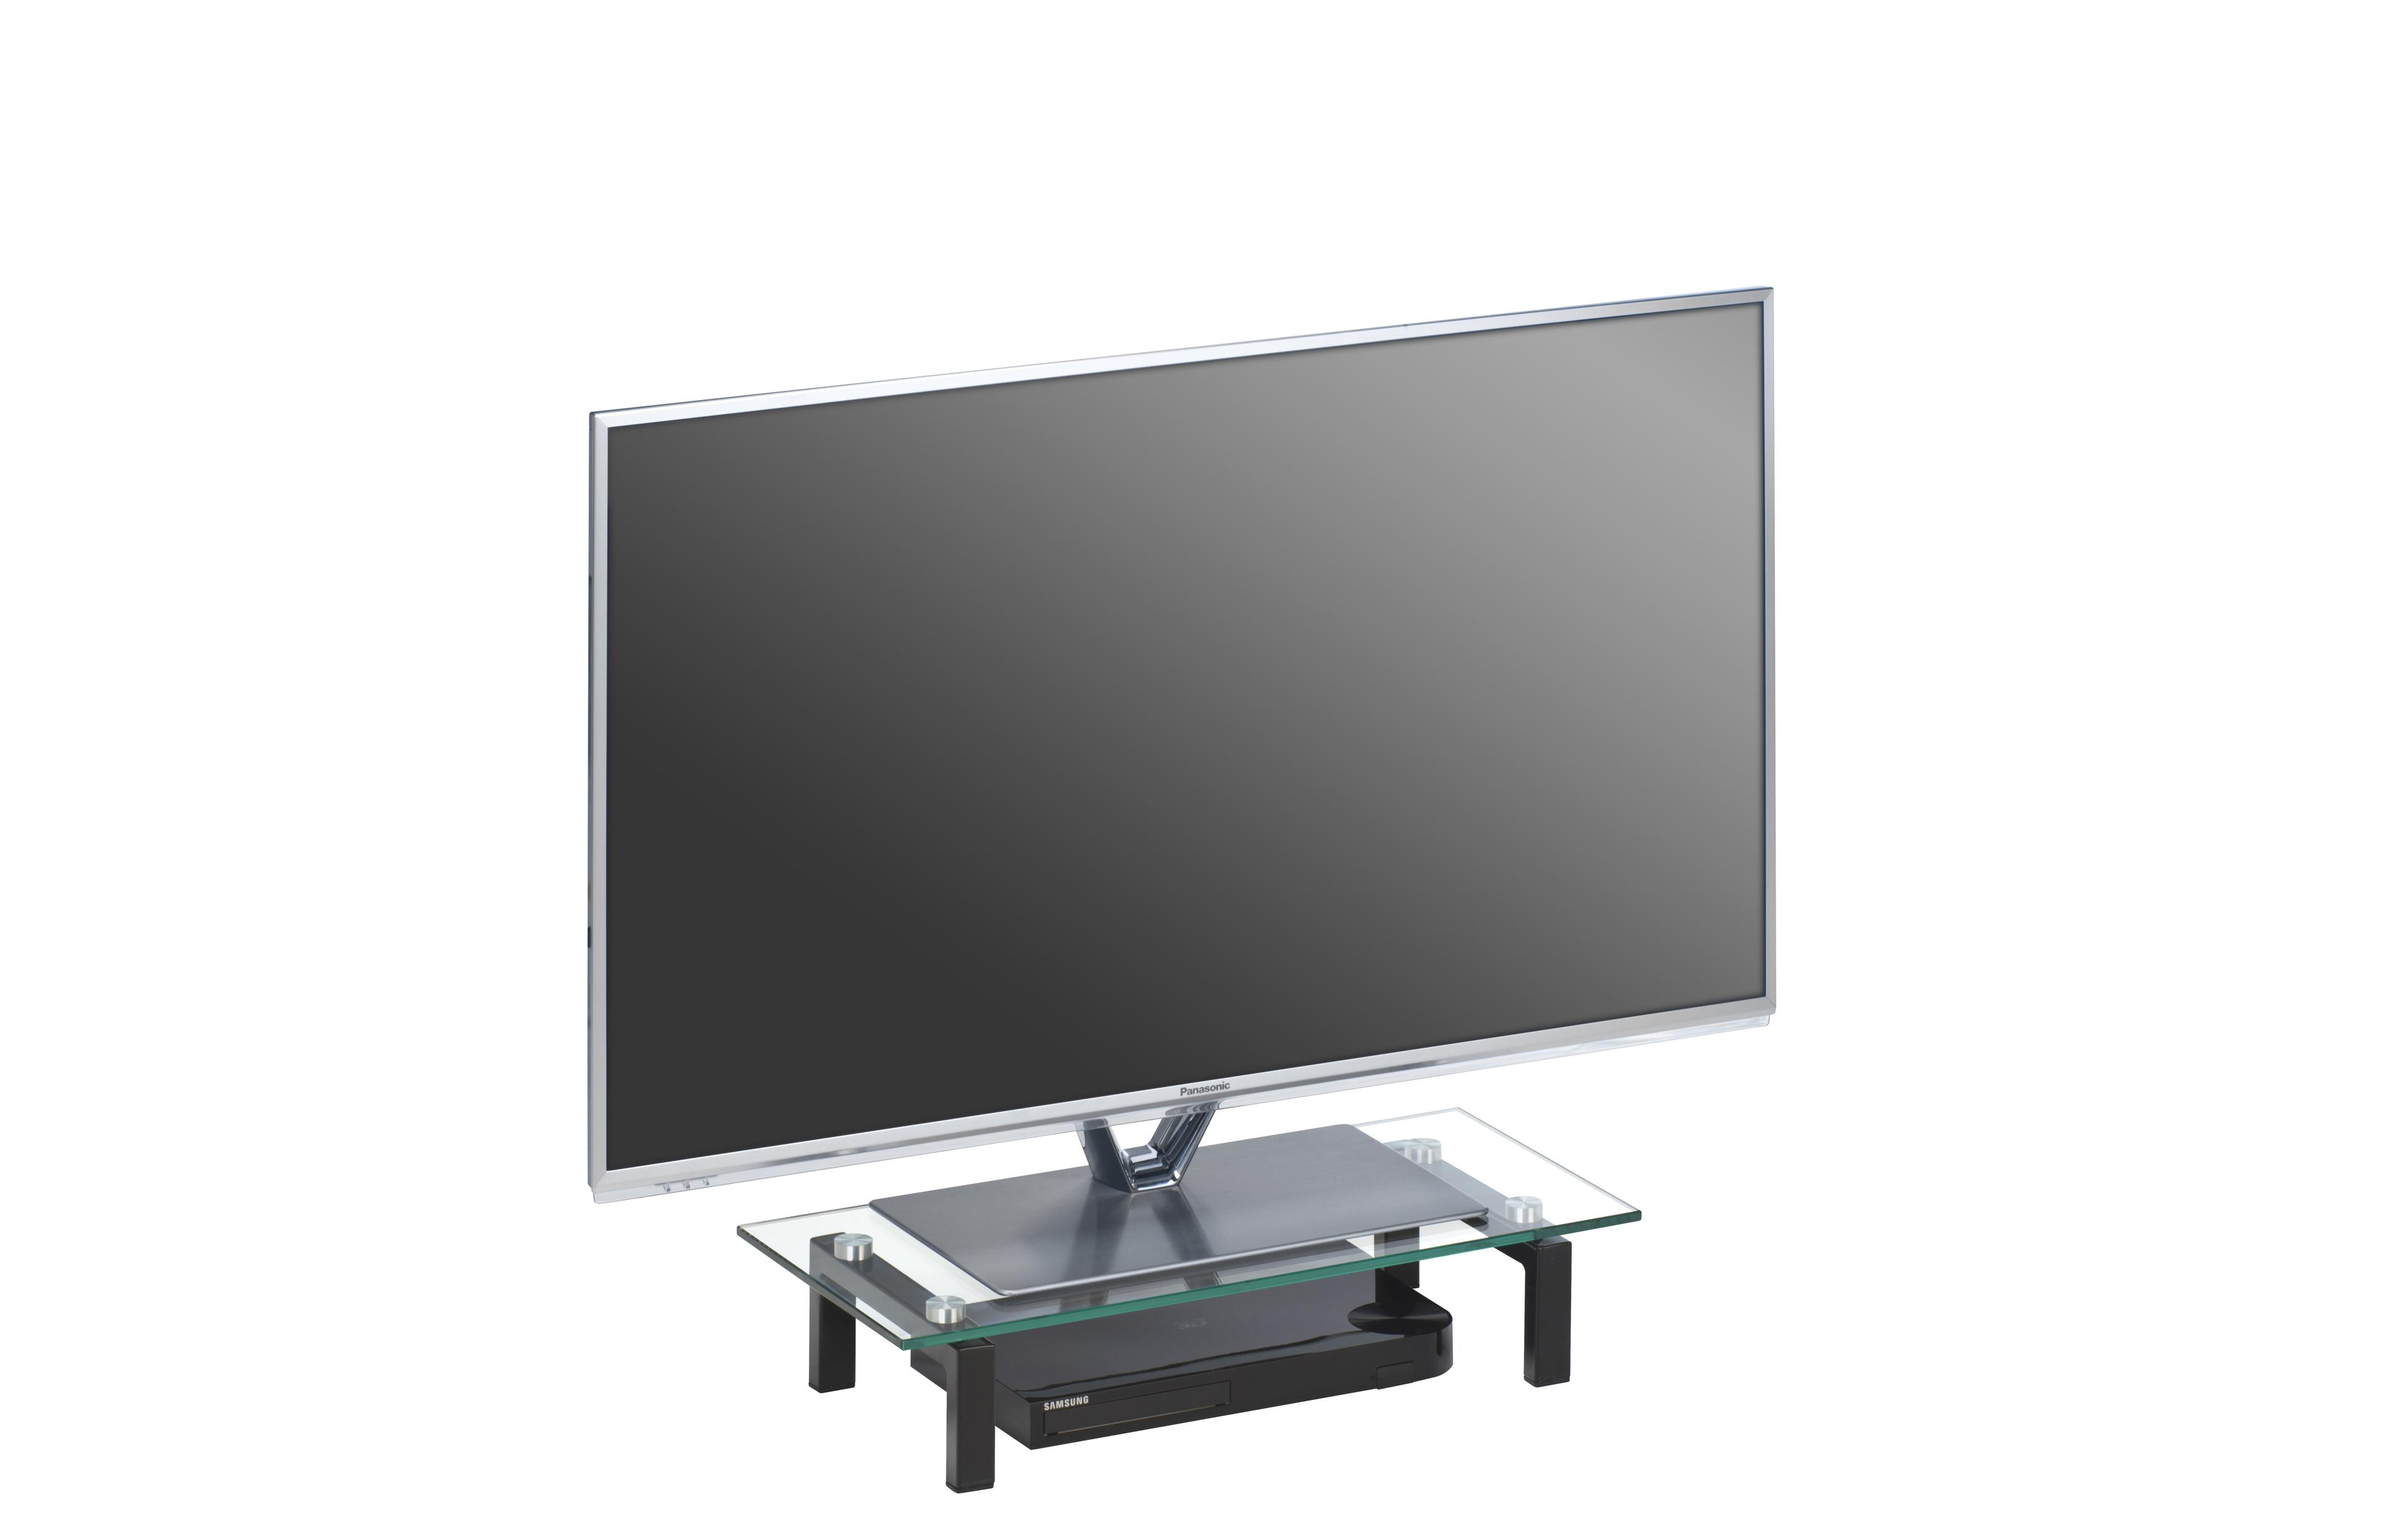 tv glasaufsatz podest ca 60 cm breit media 1602 von maja. Black Bedroom Furniture Sets. Home Design Ideas